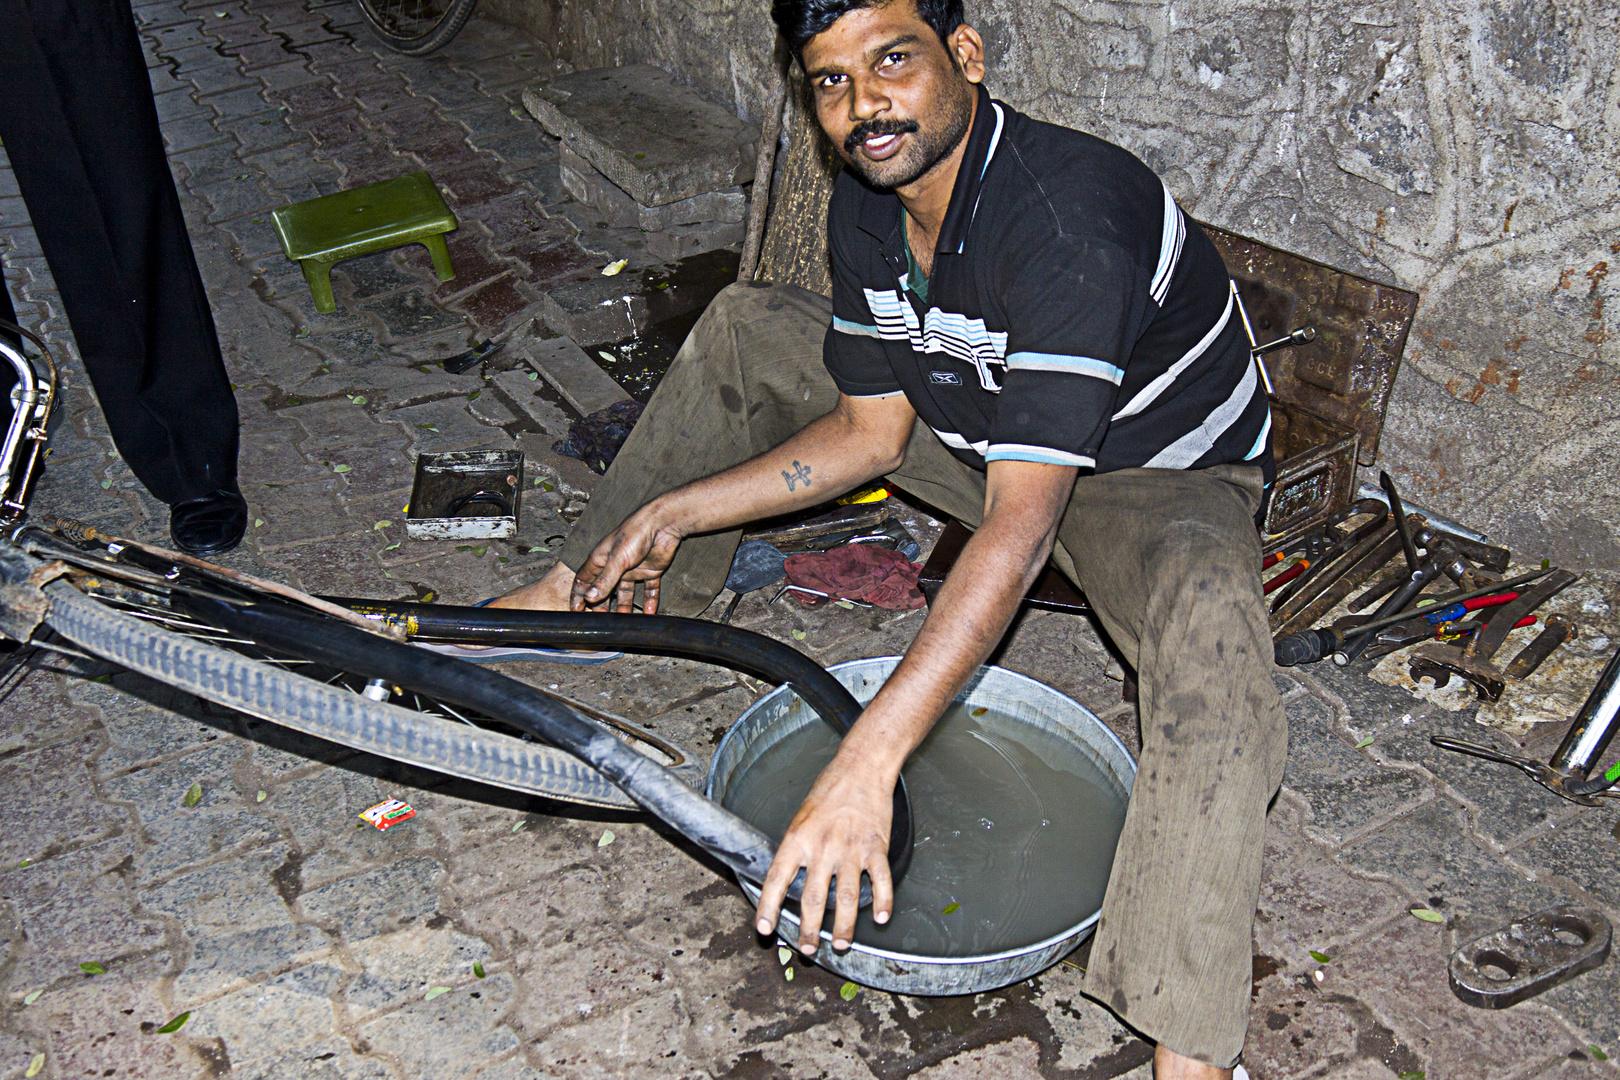 Bicycle Repair, Streets of Pune